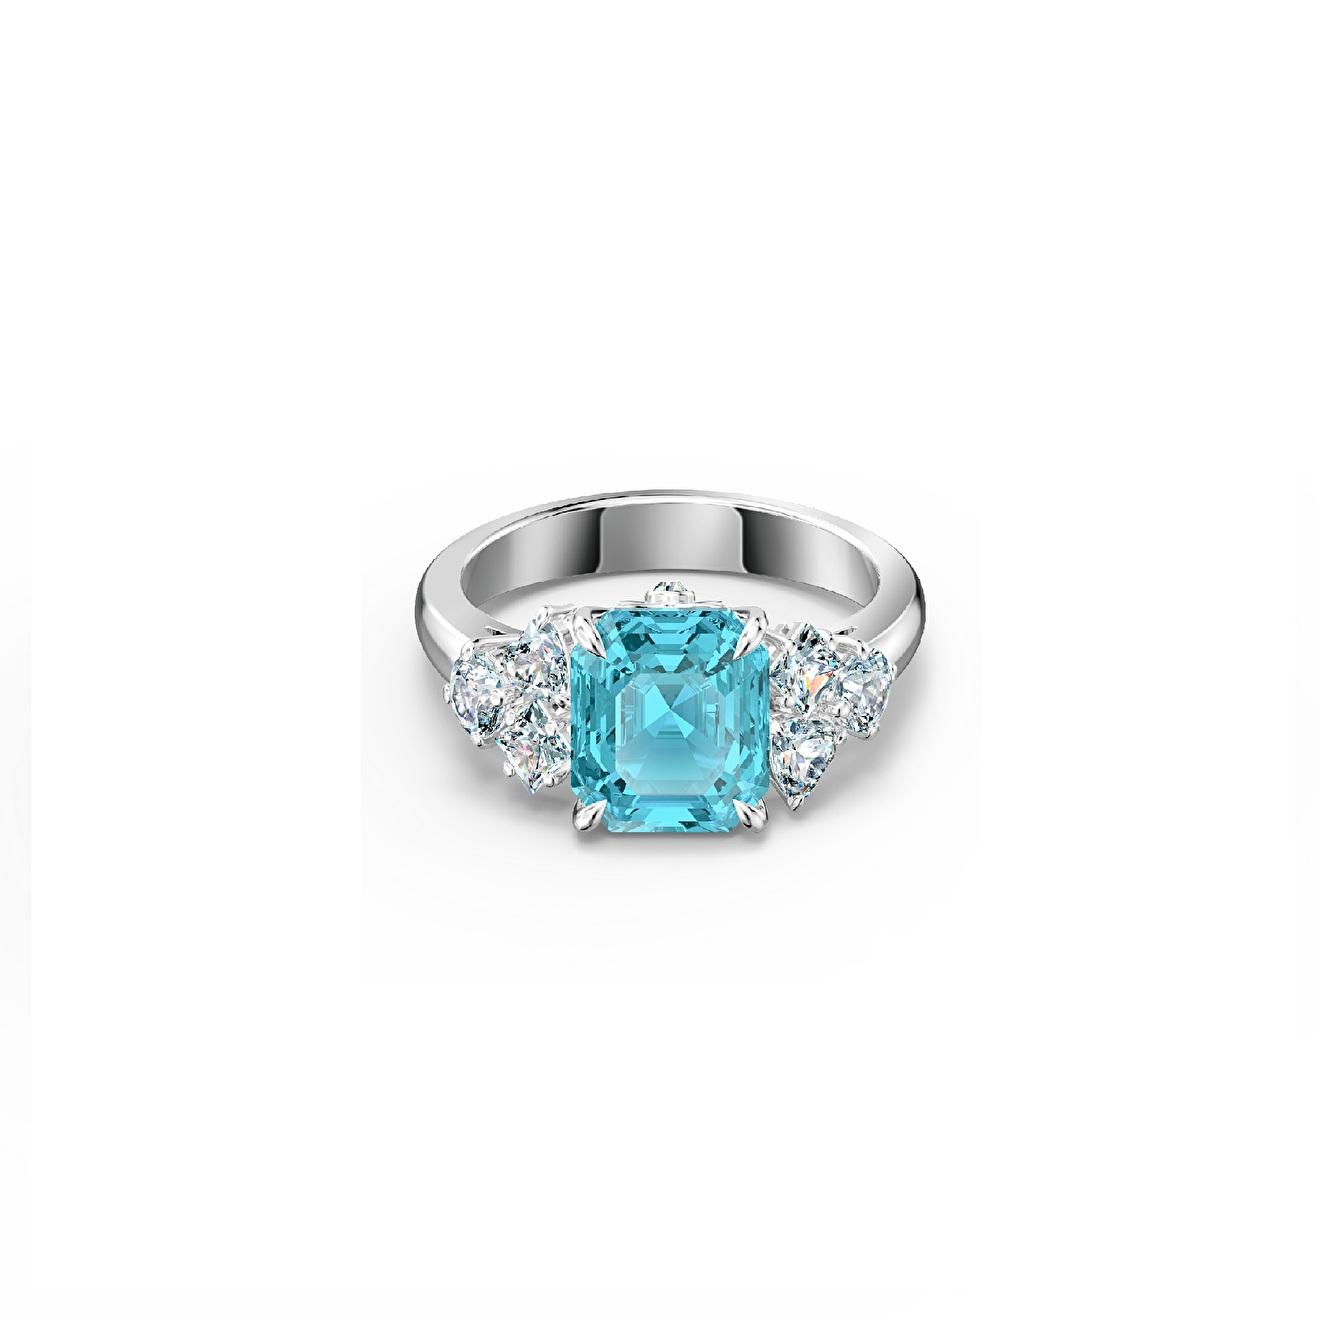 Swarovski Серебристое кольцо SPARKLING с голубым кристаллом